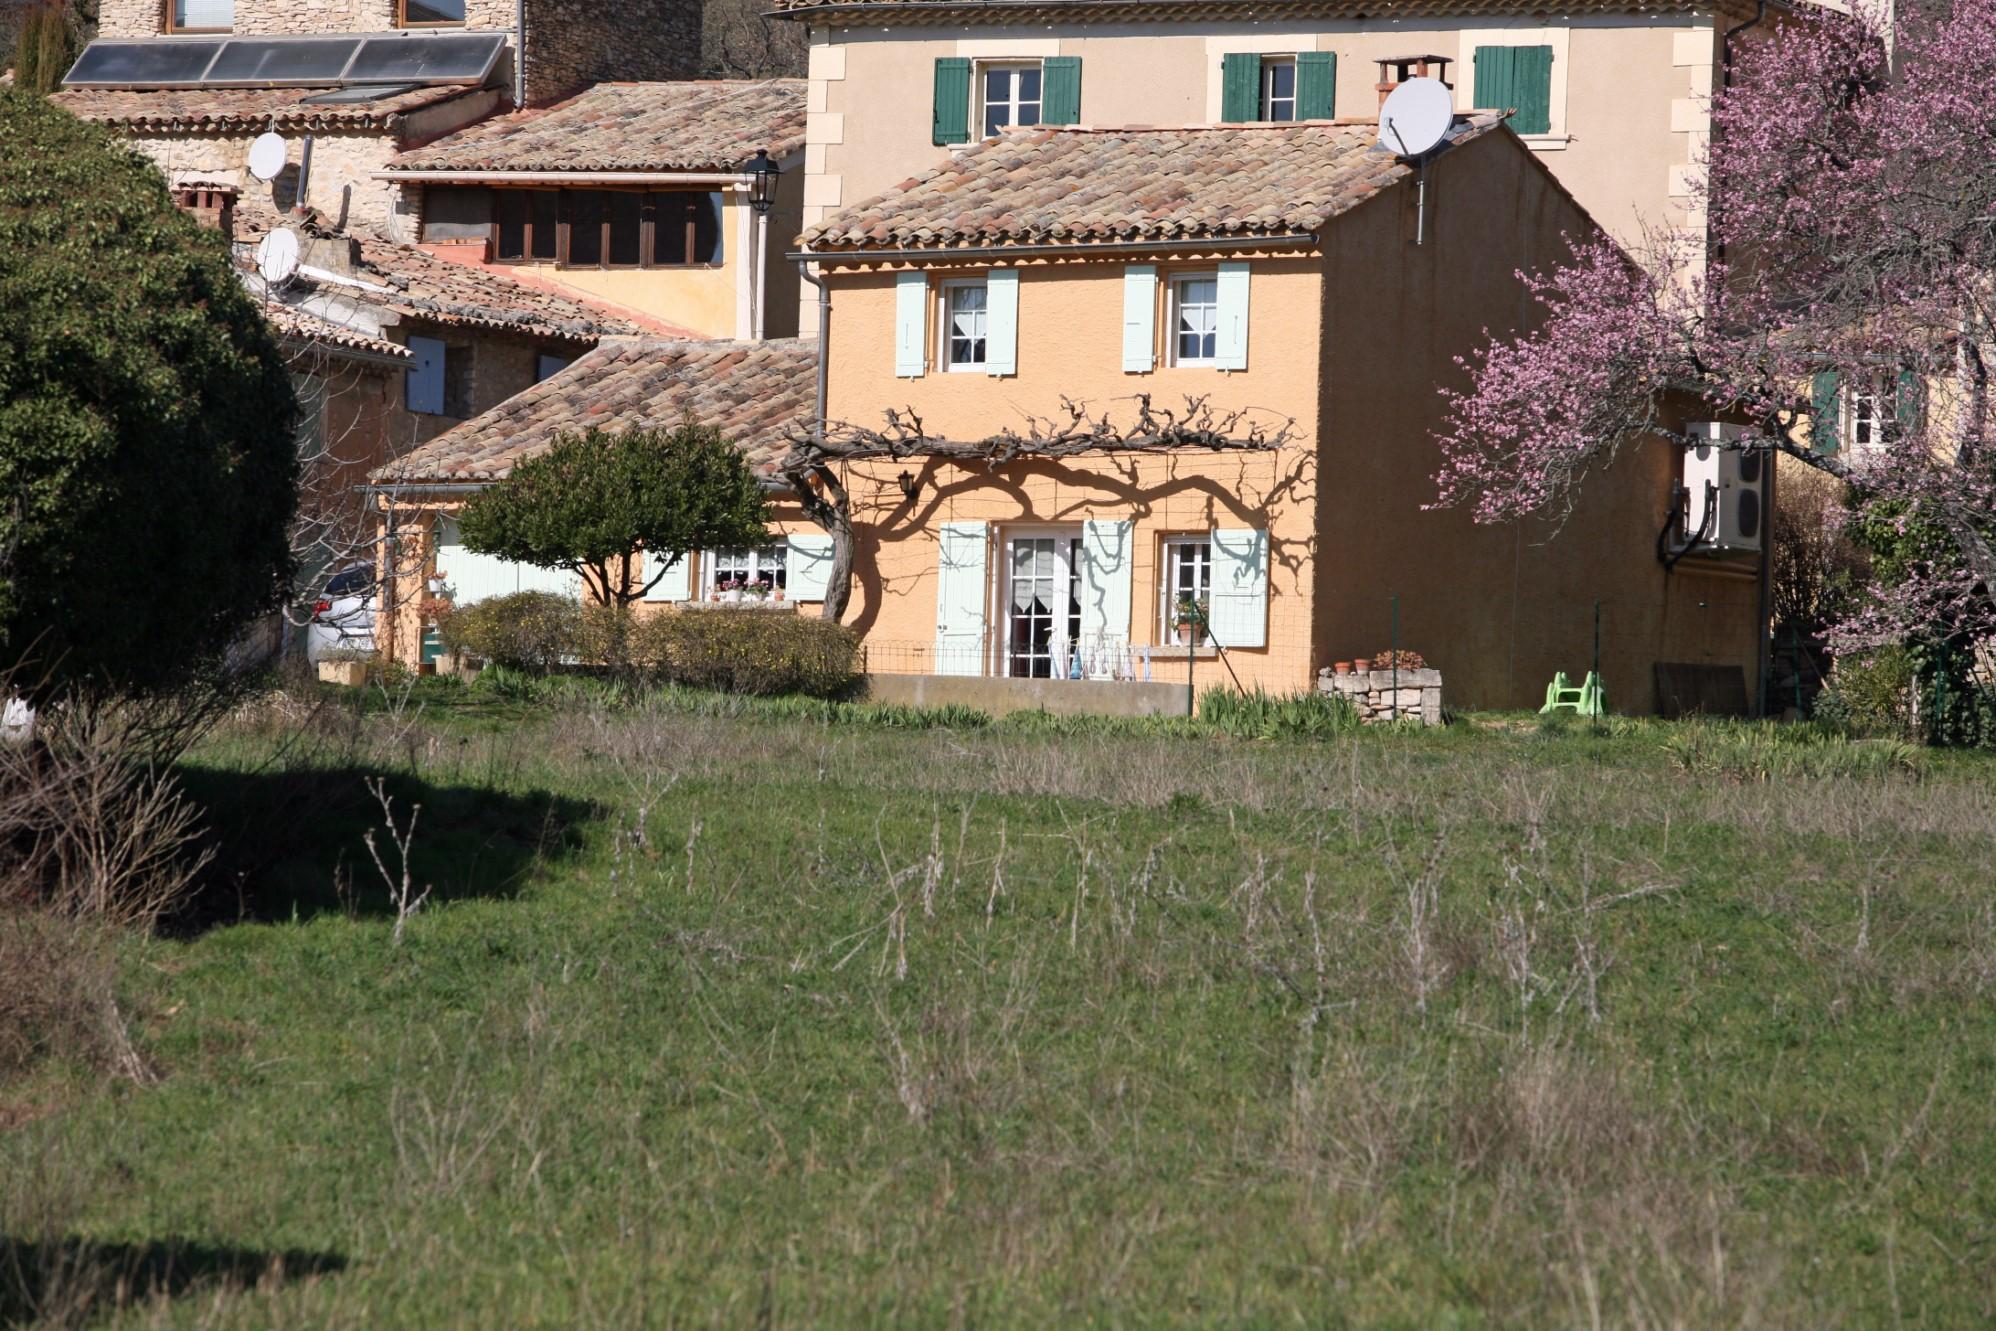 Maison de hameau au cœur de la Provence